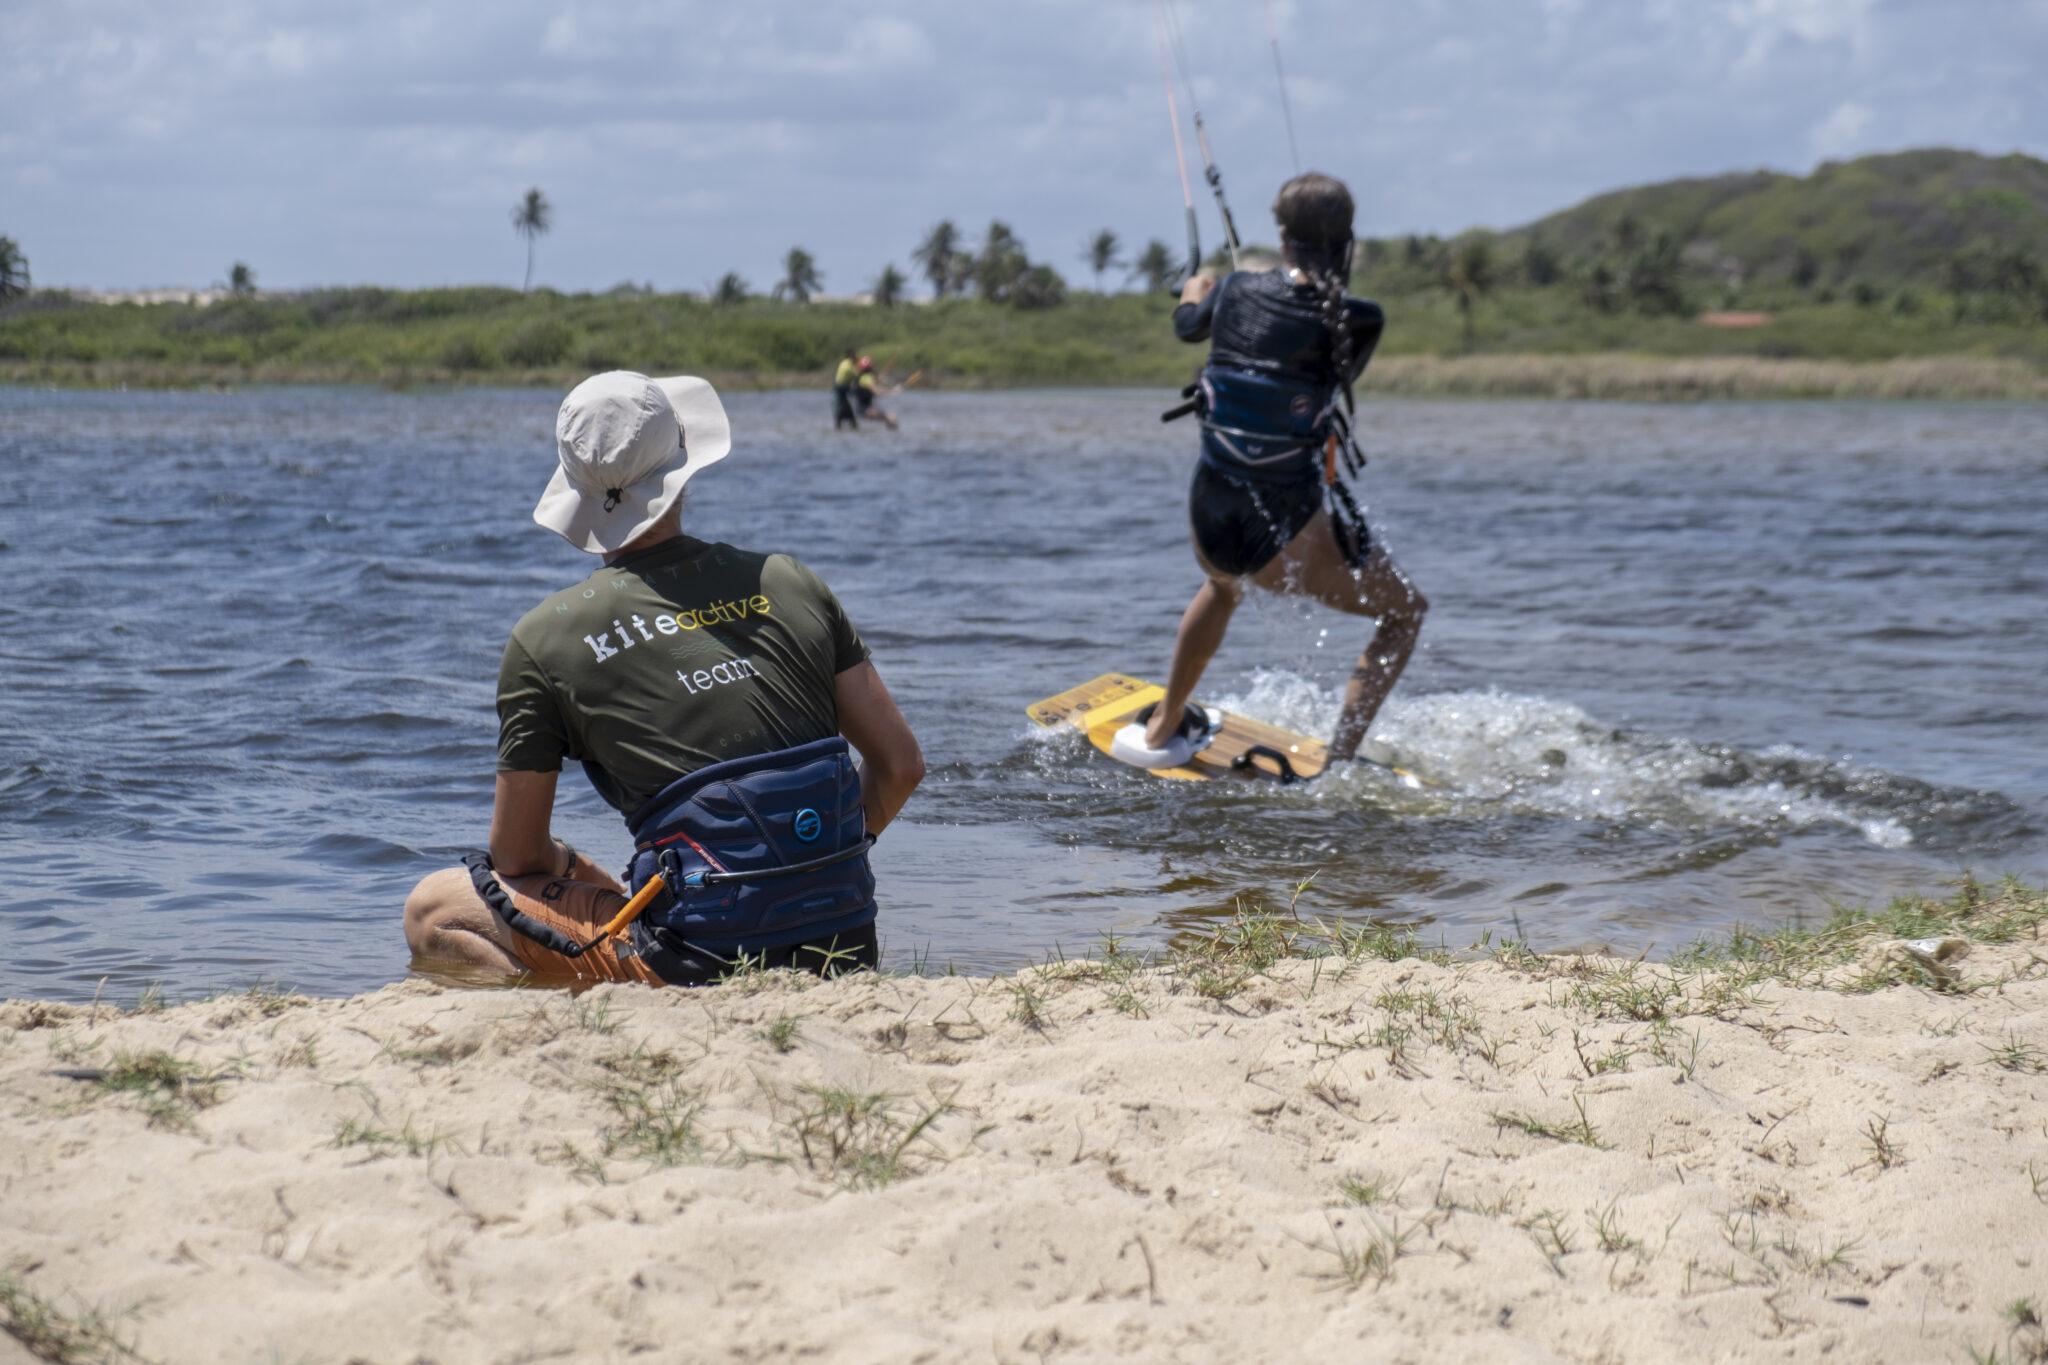 kitesurf-brazil-learn